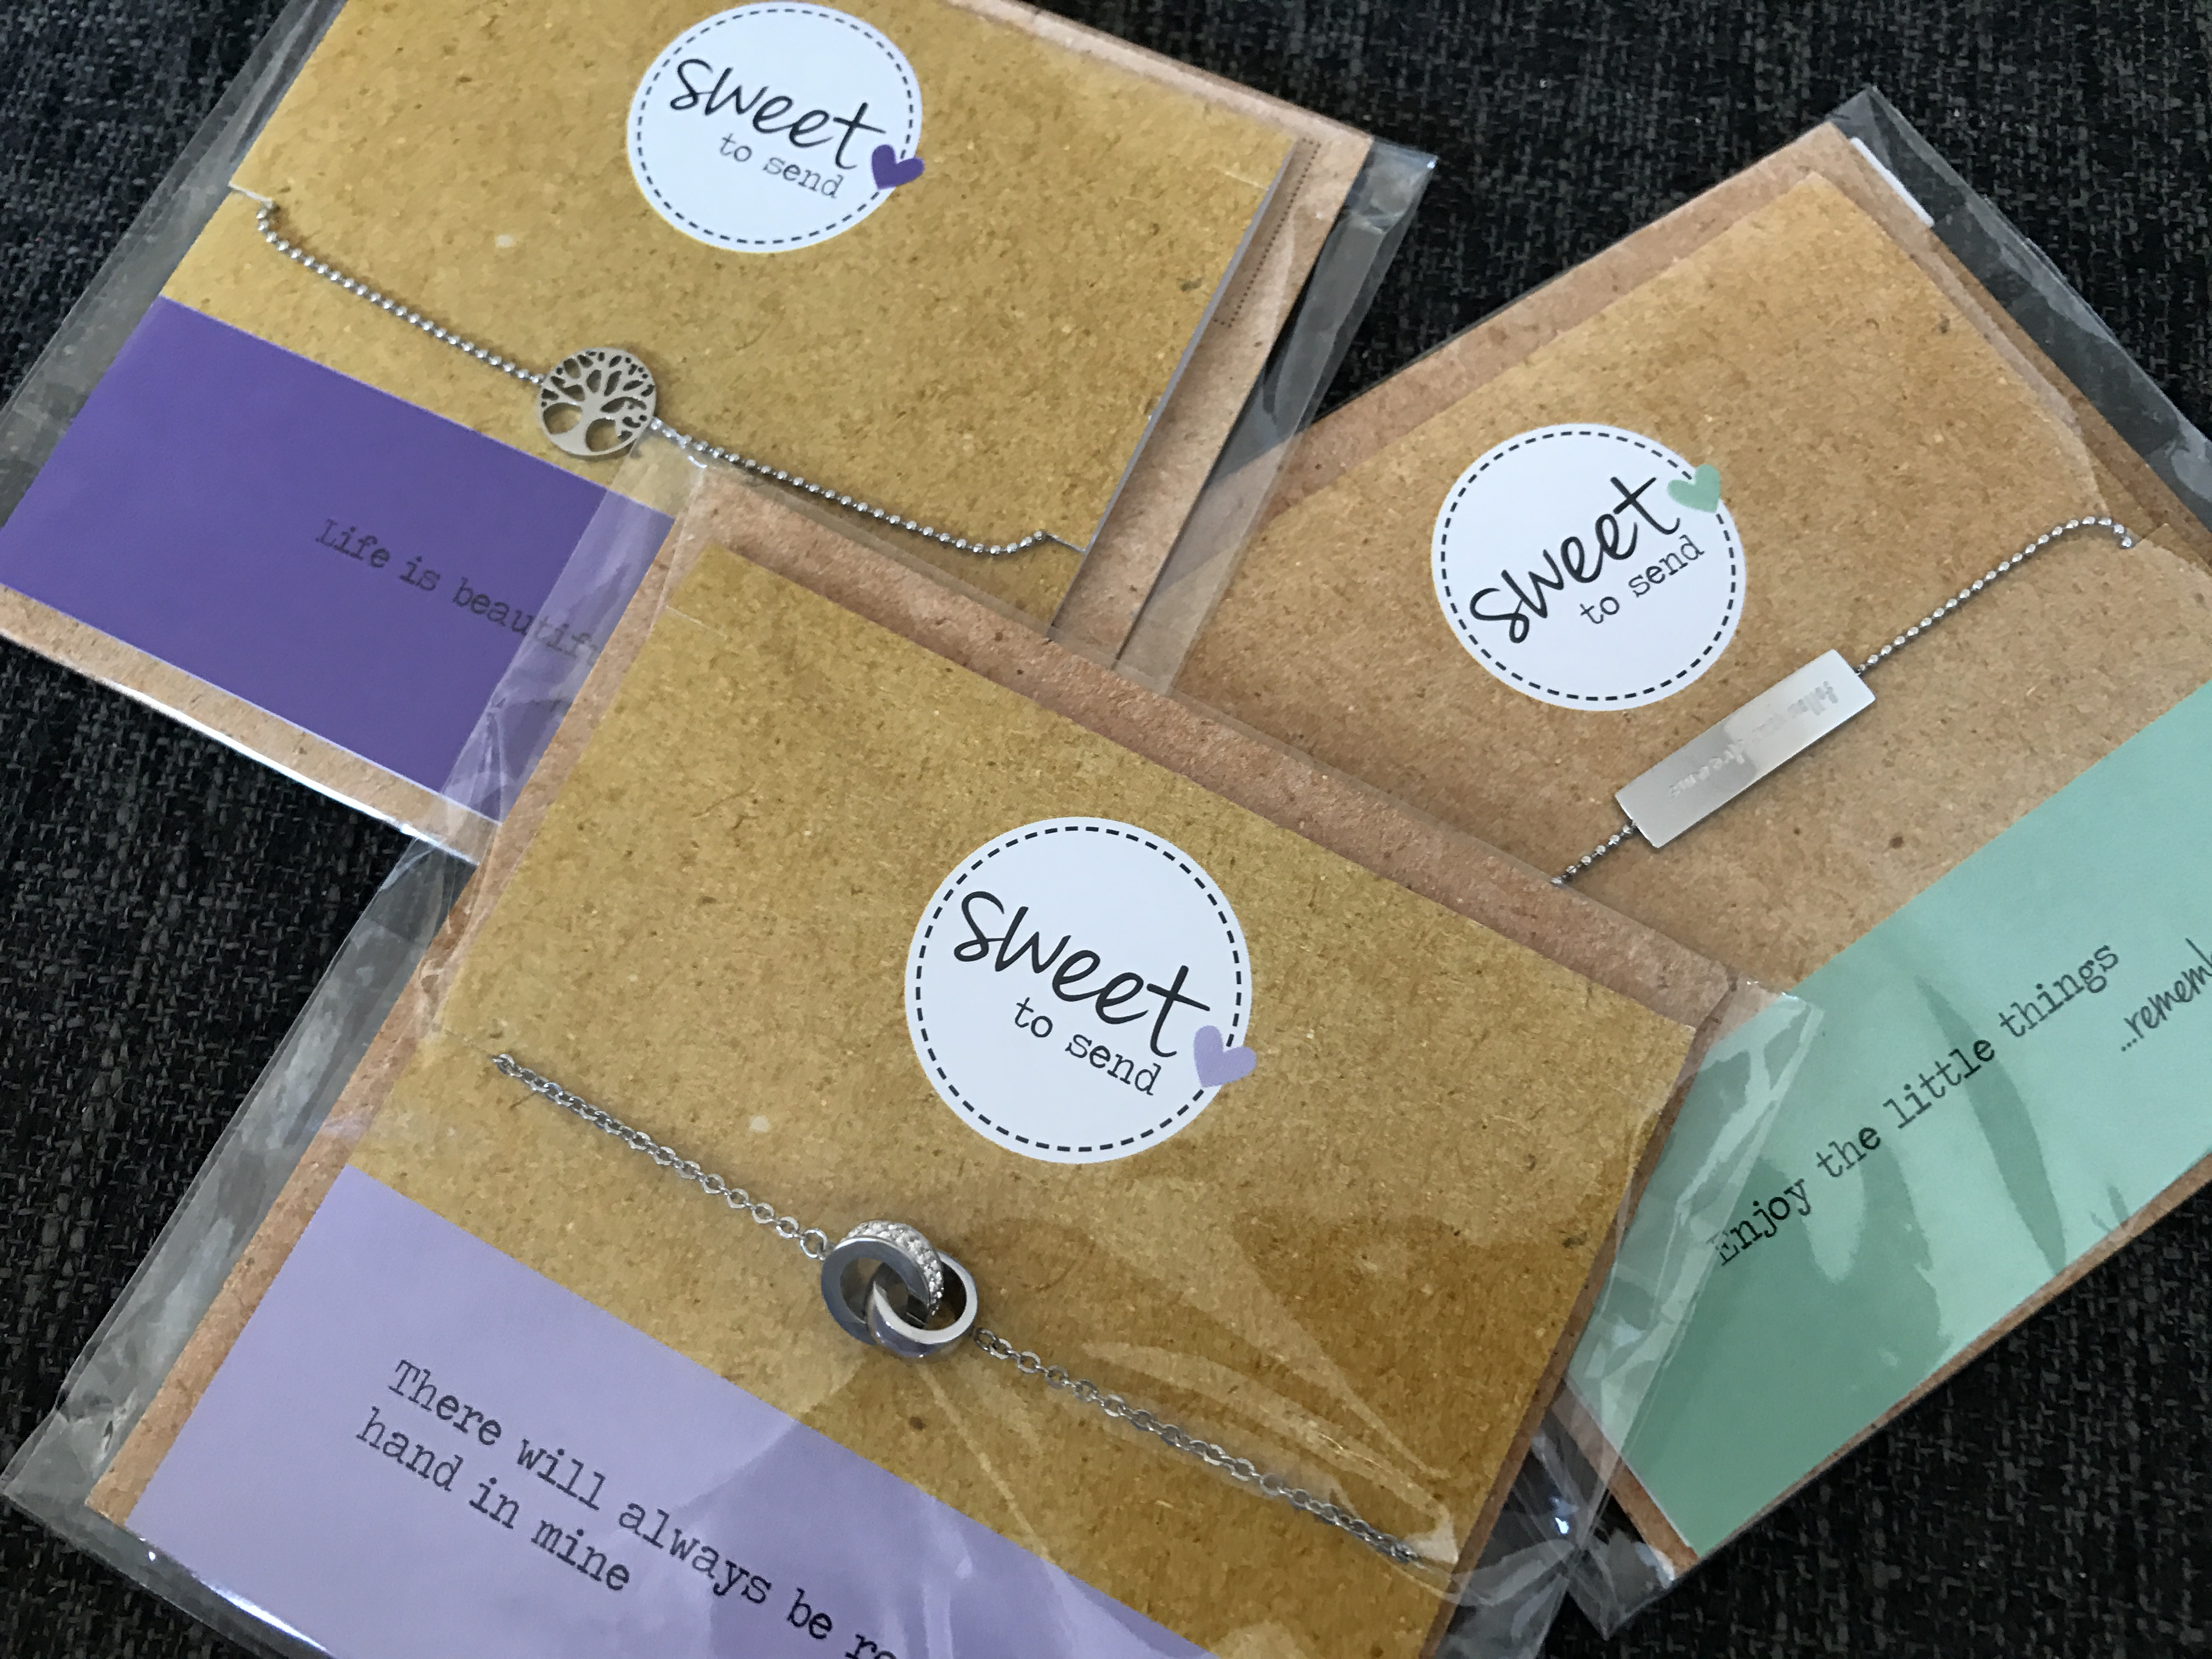 12-16-lucardi-juwelier-blog-review-ervaring-armbandjes-sweet-to-send-post-kaartje-goedkoop-korting-geboorte-kerst-sinterklaas-cadeau-tip